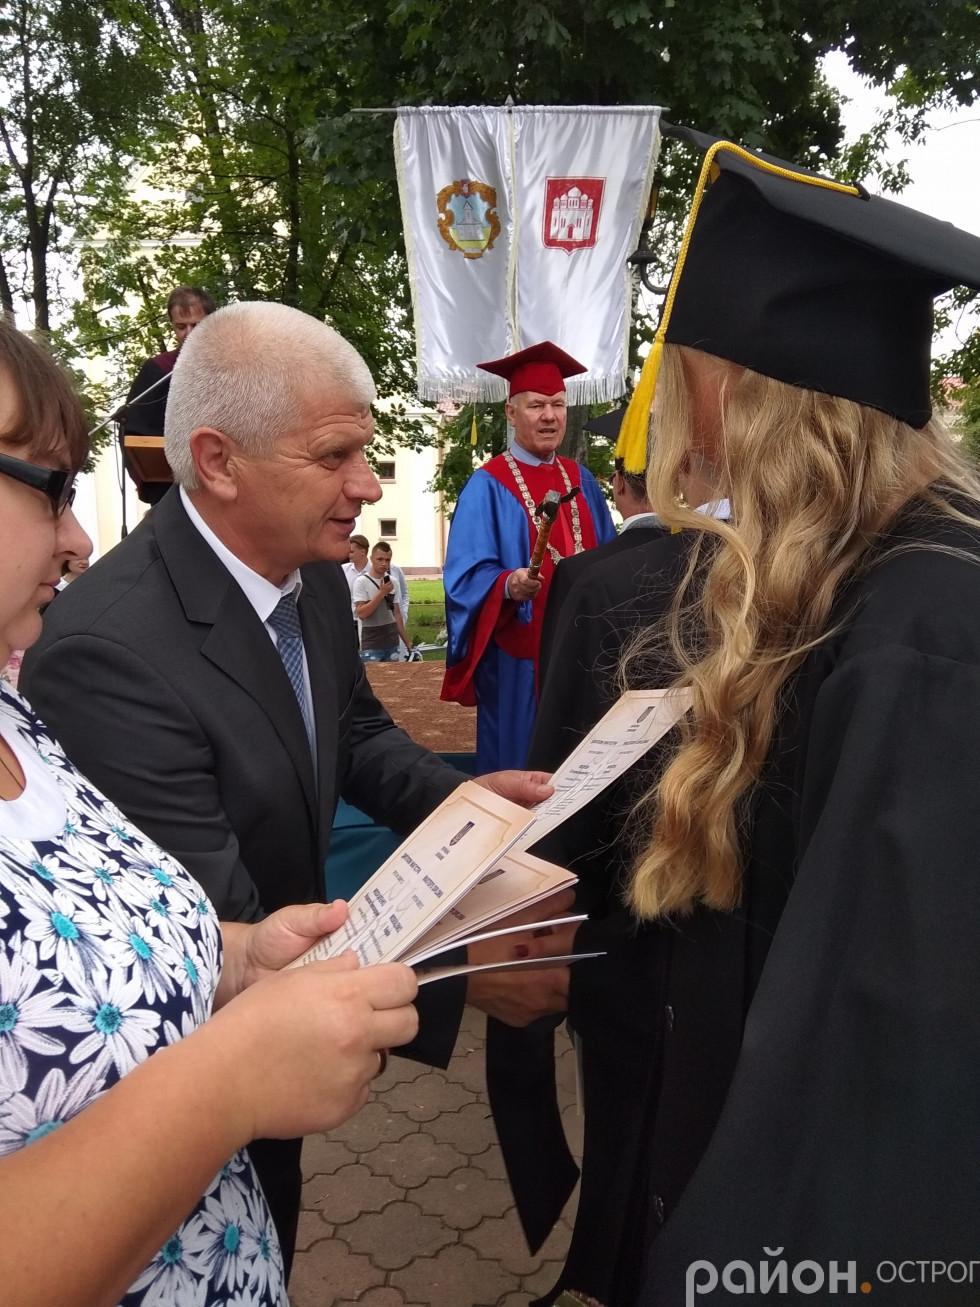 Олександр Шикер вручає дипломи